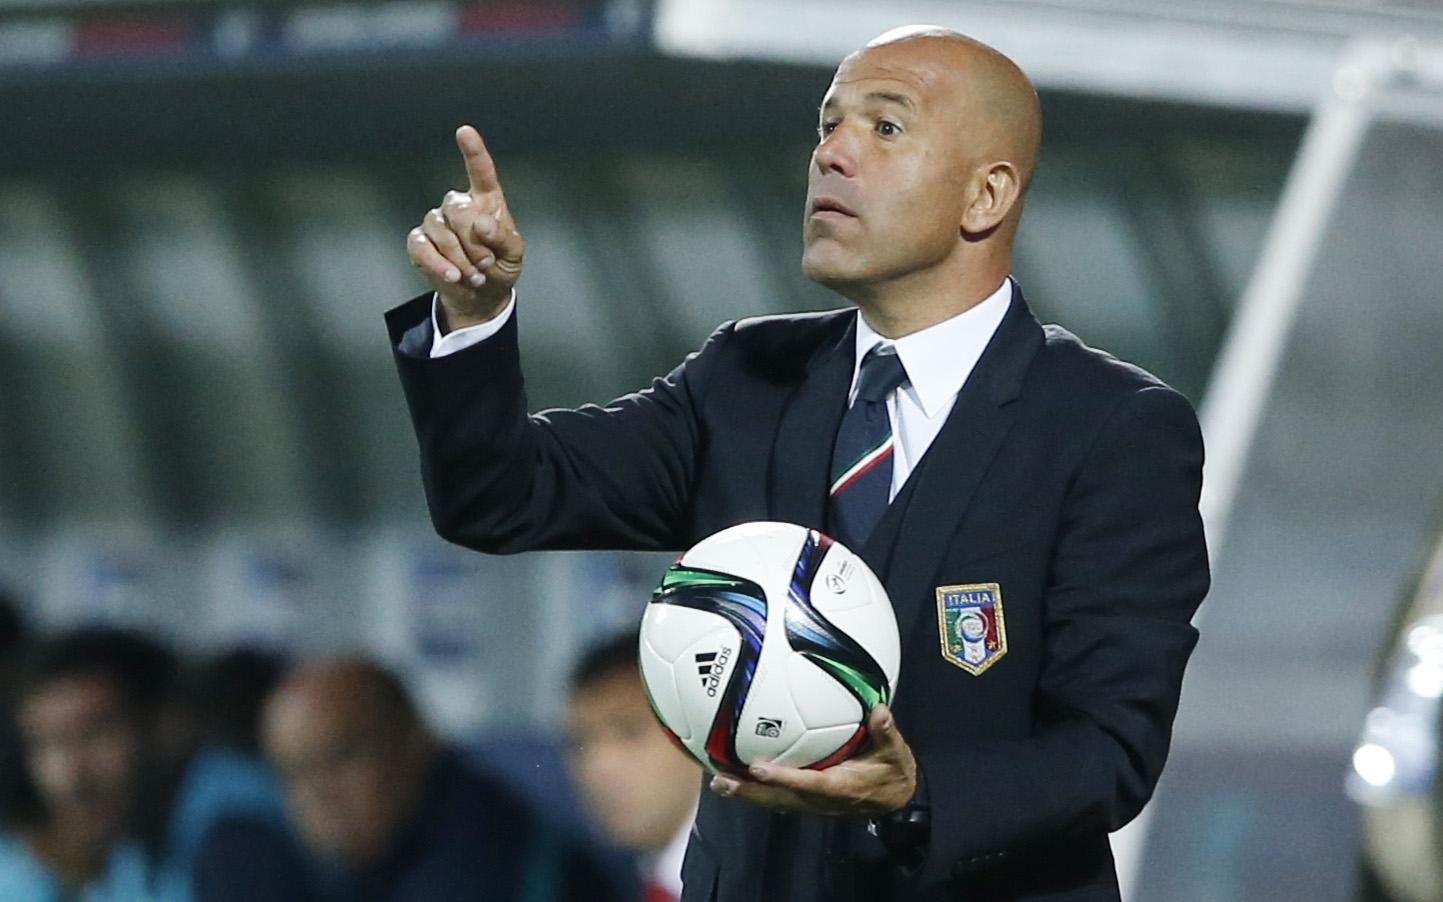 """Di Biagio: """"Dobbiamo vincere l'Europeo. Siamo un gruppo forte"""""""